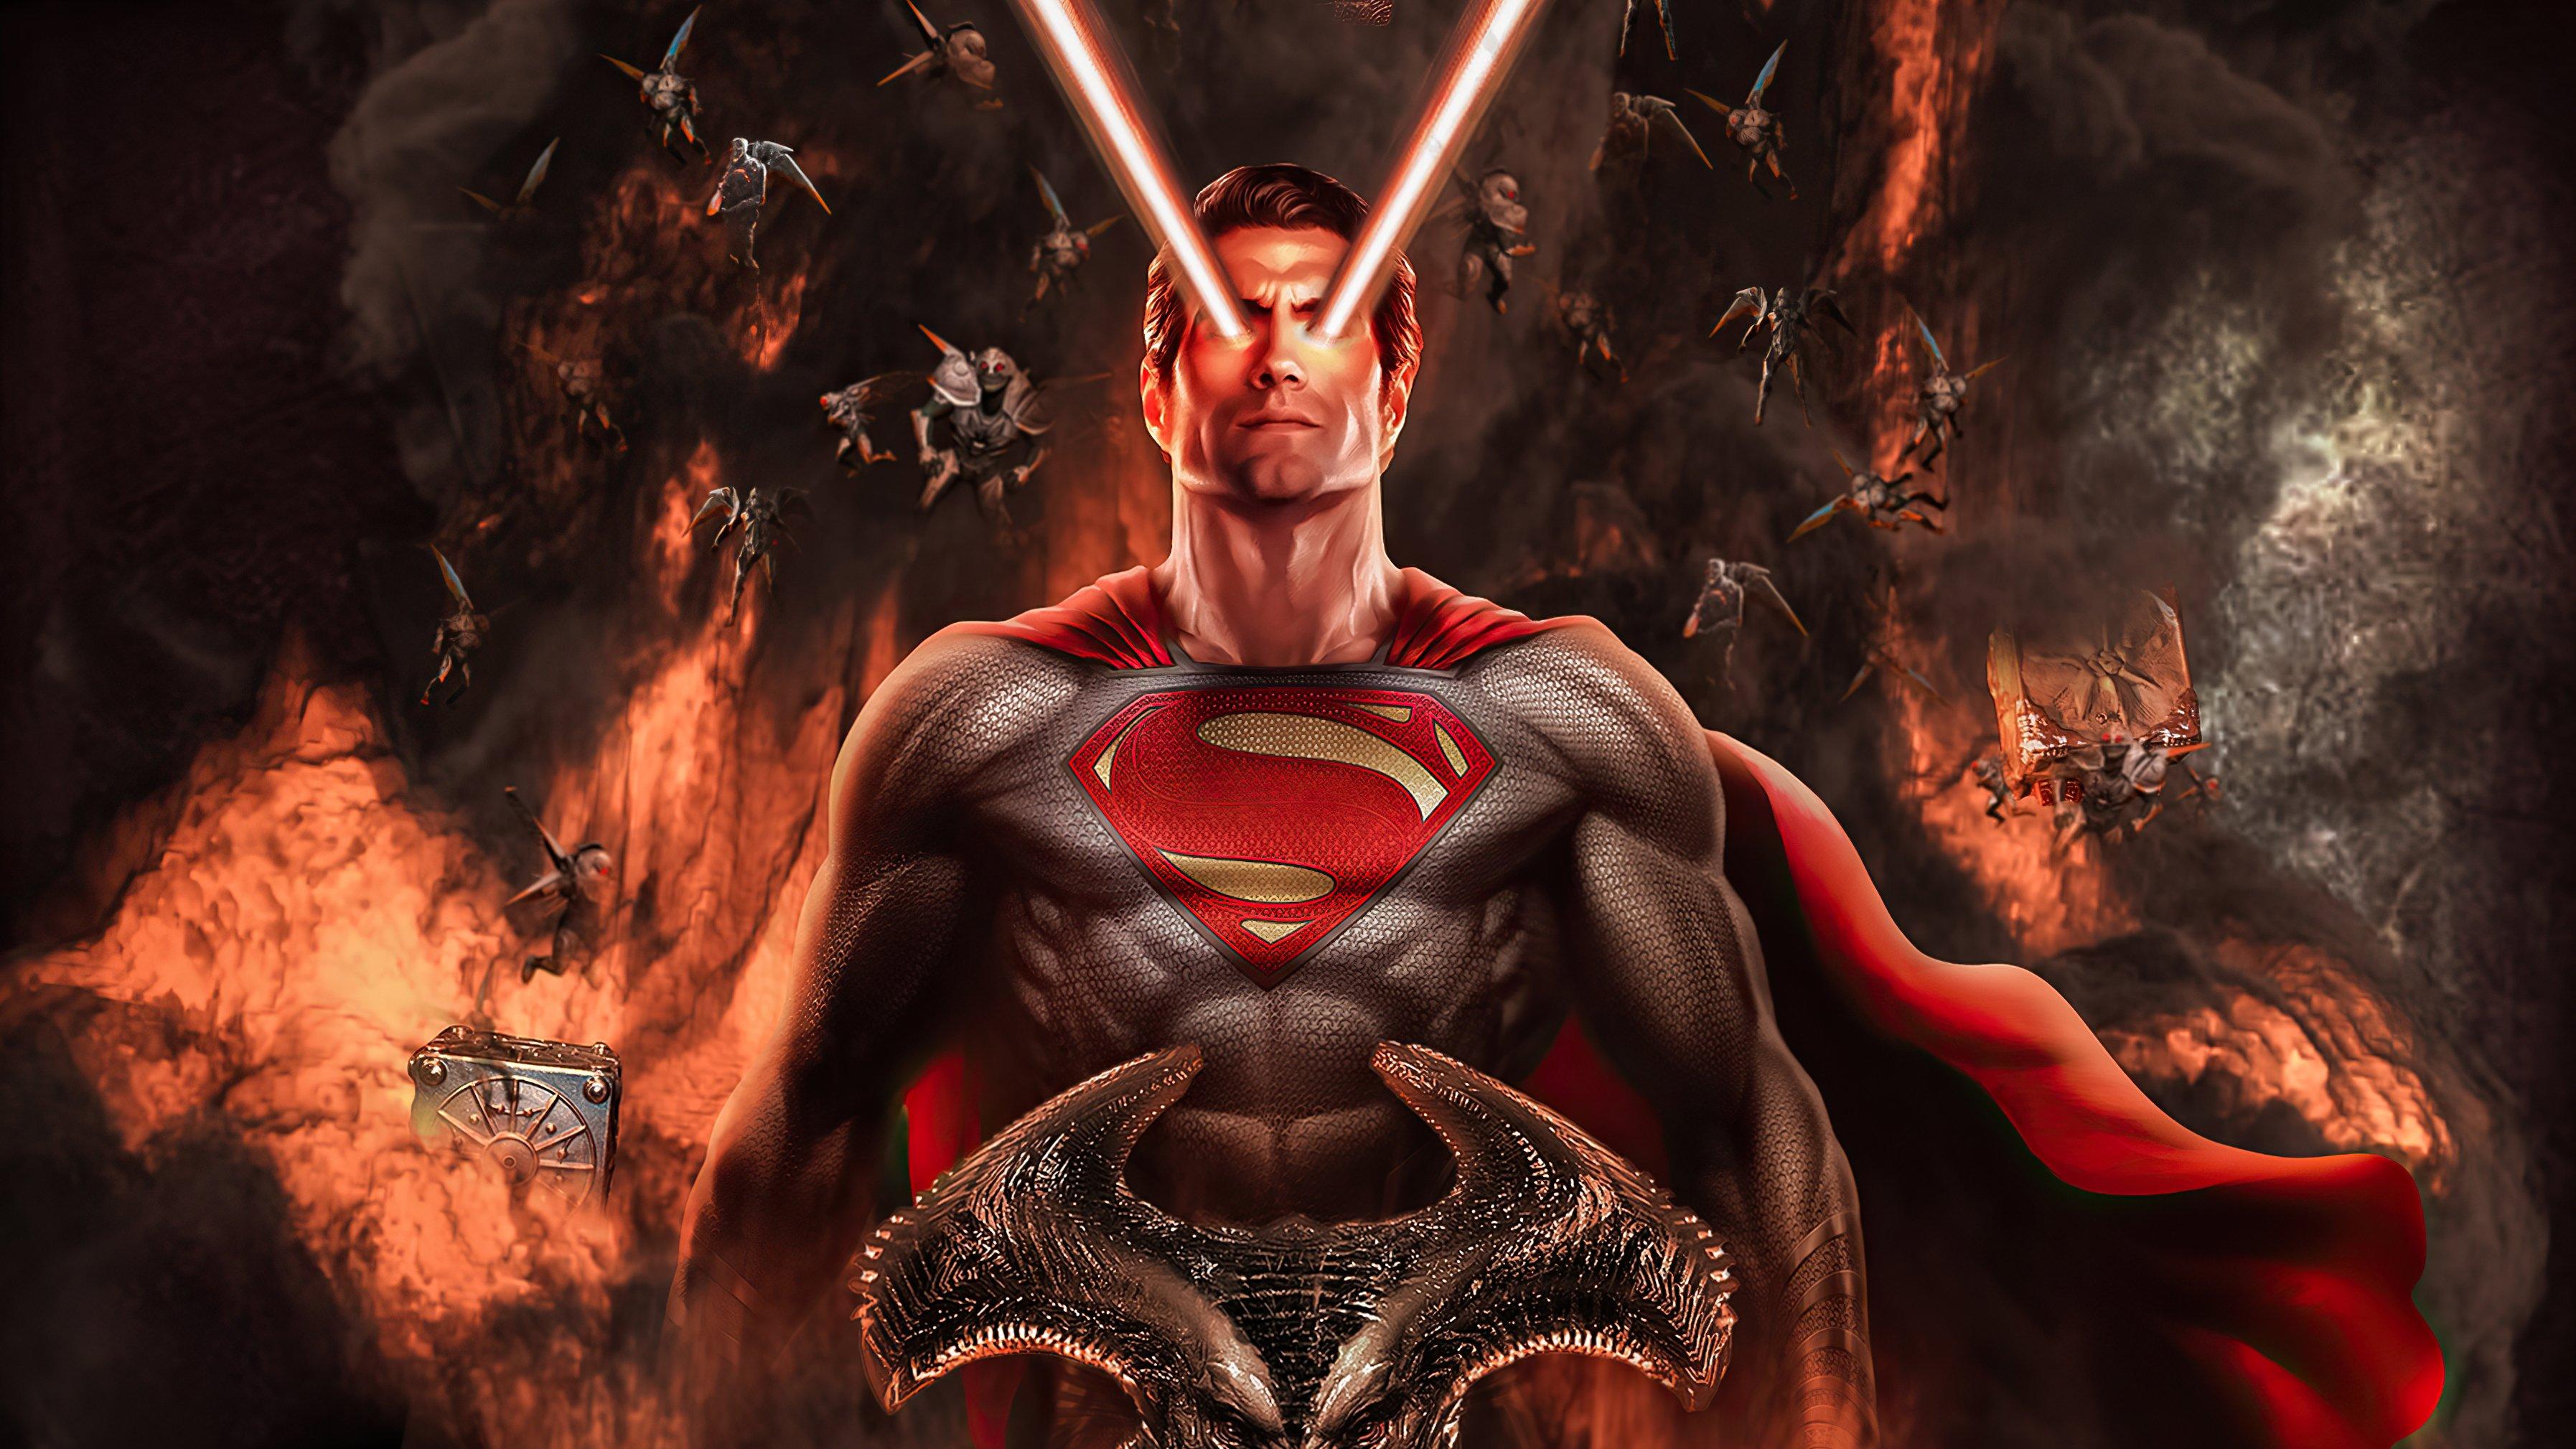 Fondos de pantalla Superman con laser en ojos